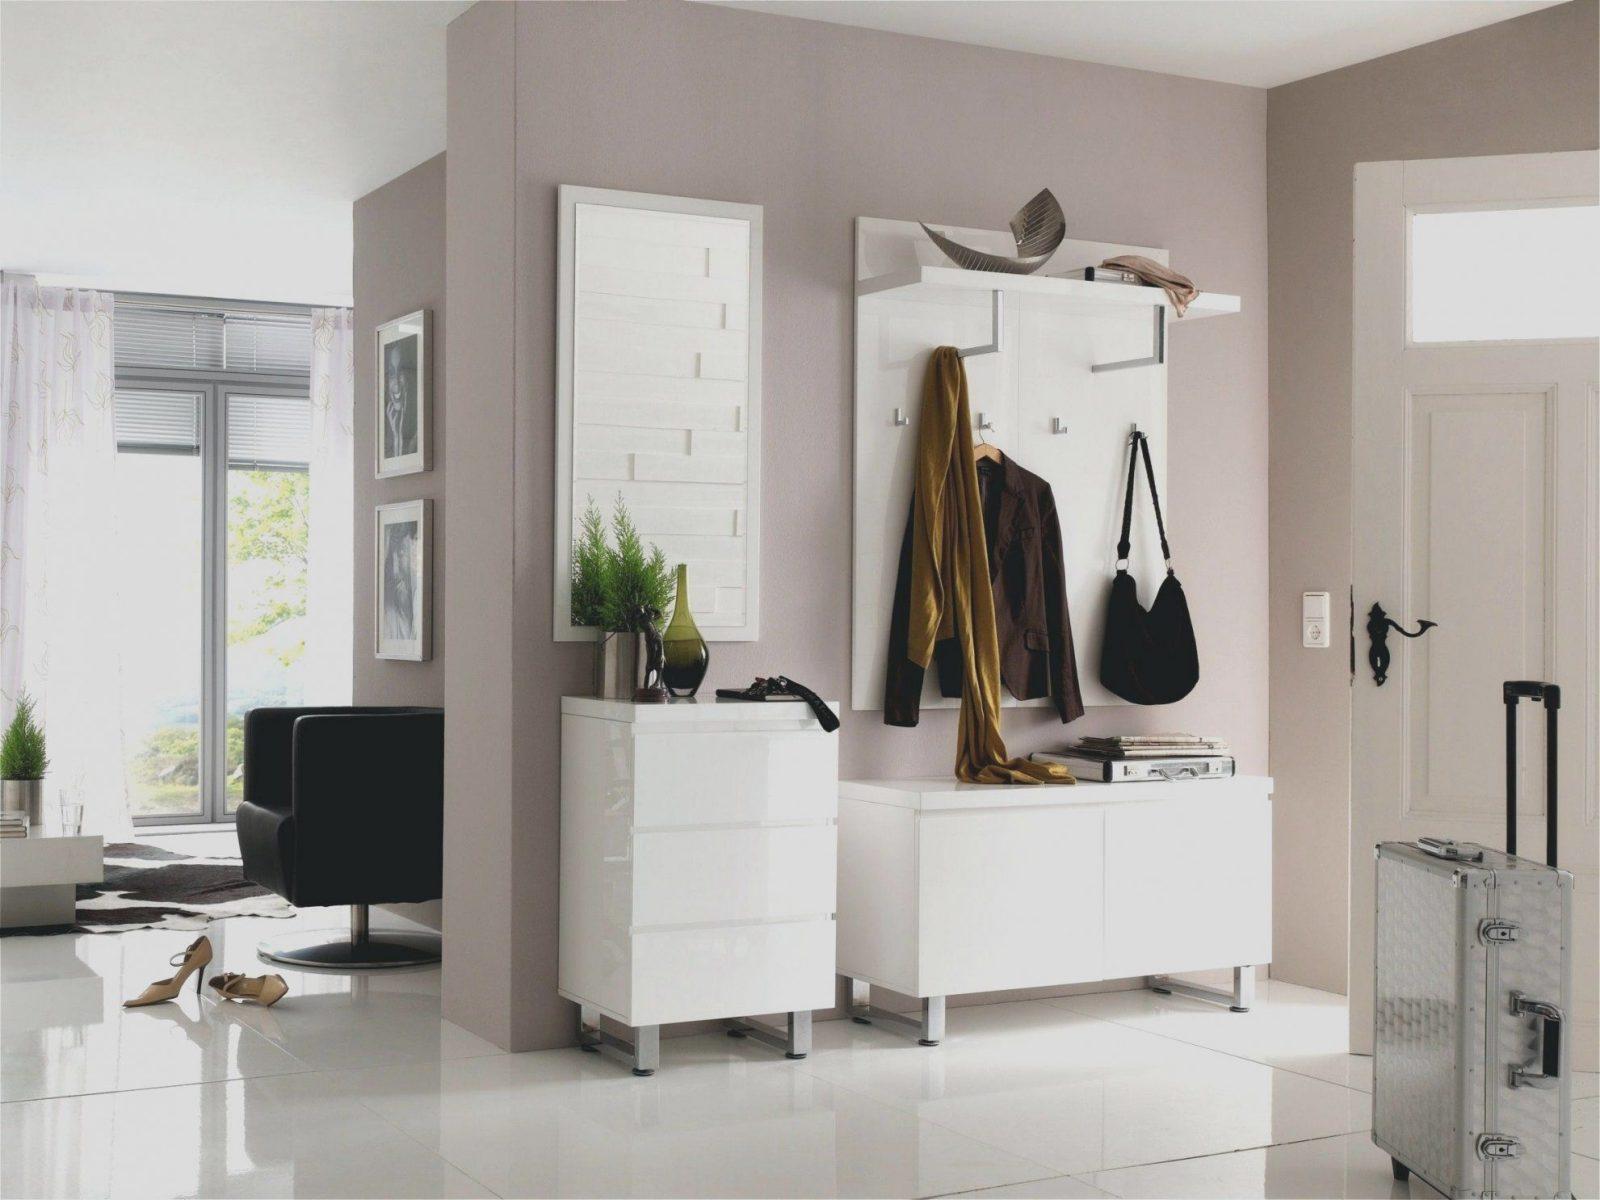 Schlafzimmer Farbe Dunkle Mobel Und Wandfarbe Grun Luxus